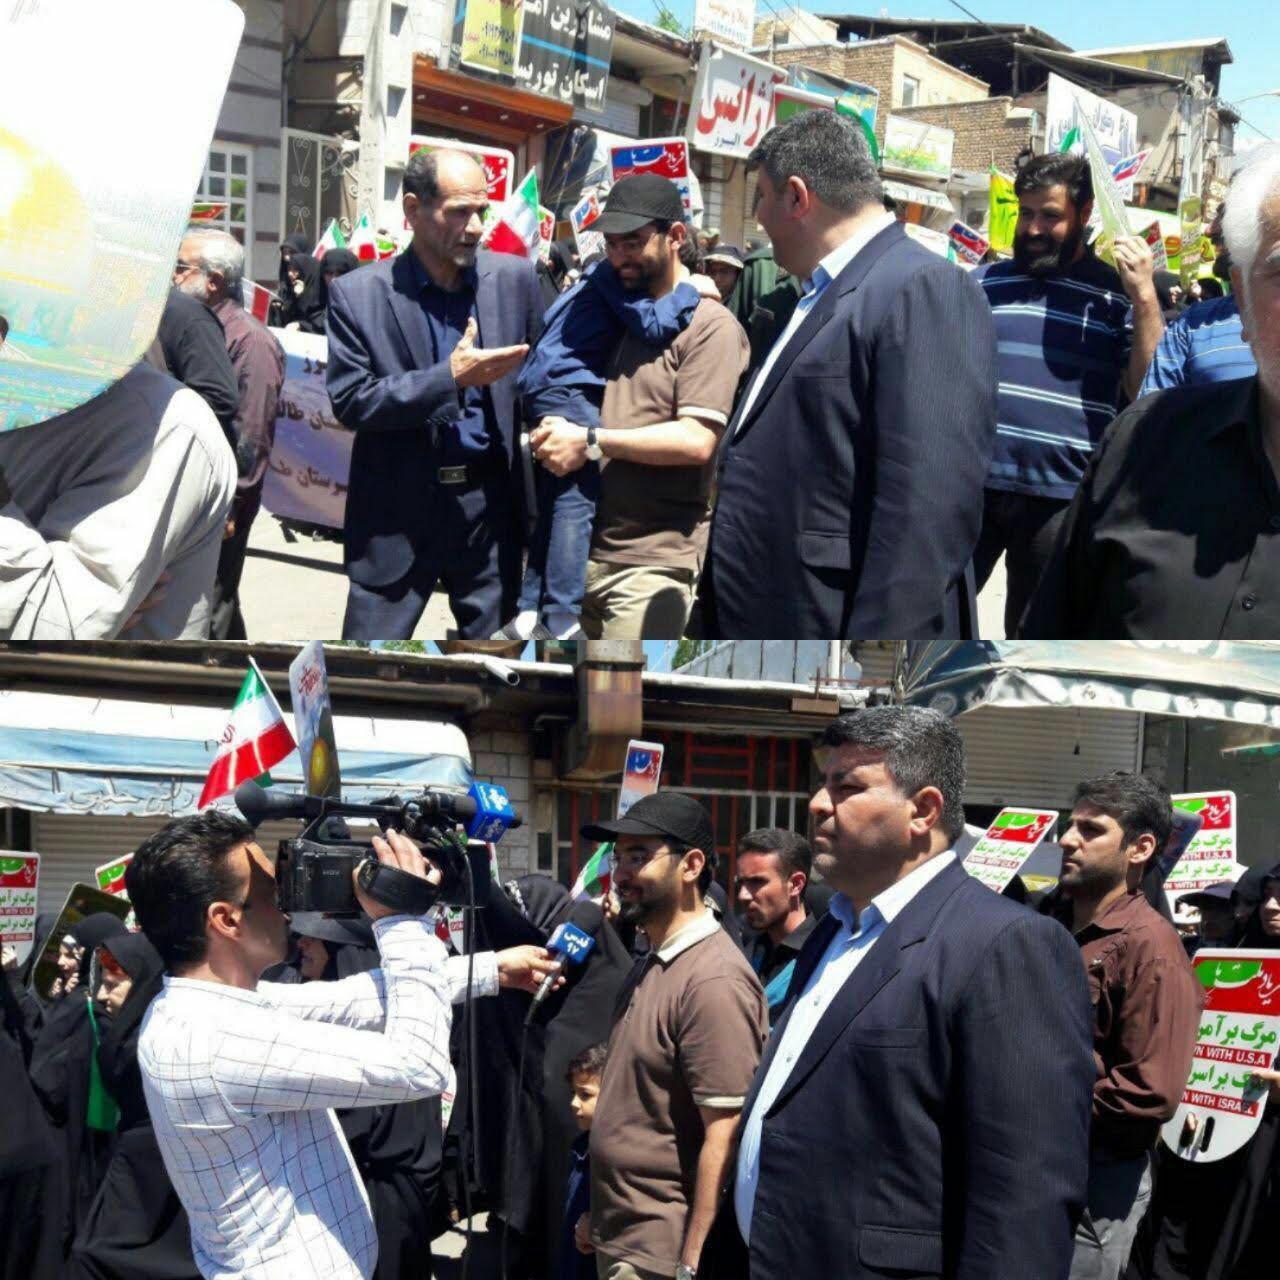 حضور وزیر ارتباطات با آستین کوتاه و کلاه آفتابی در راهپیمایی روز قدس